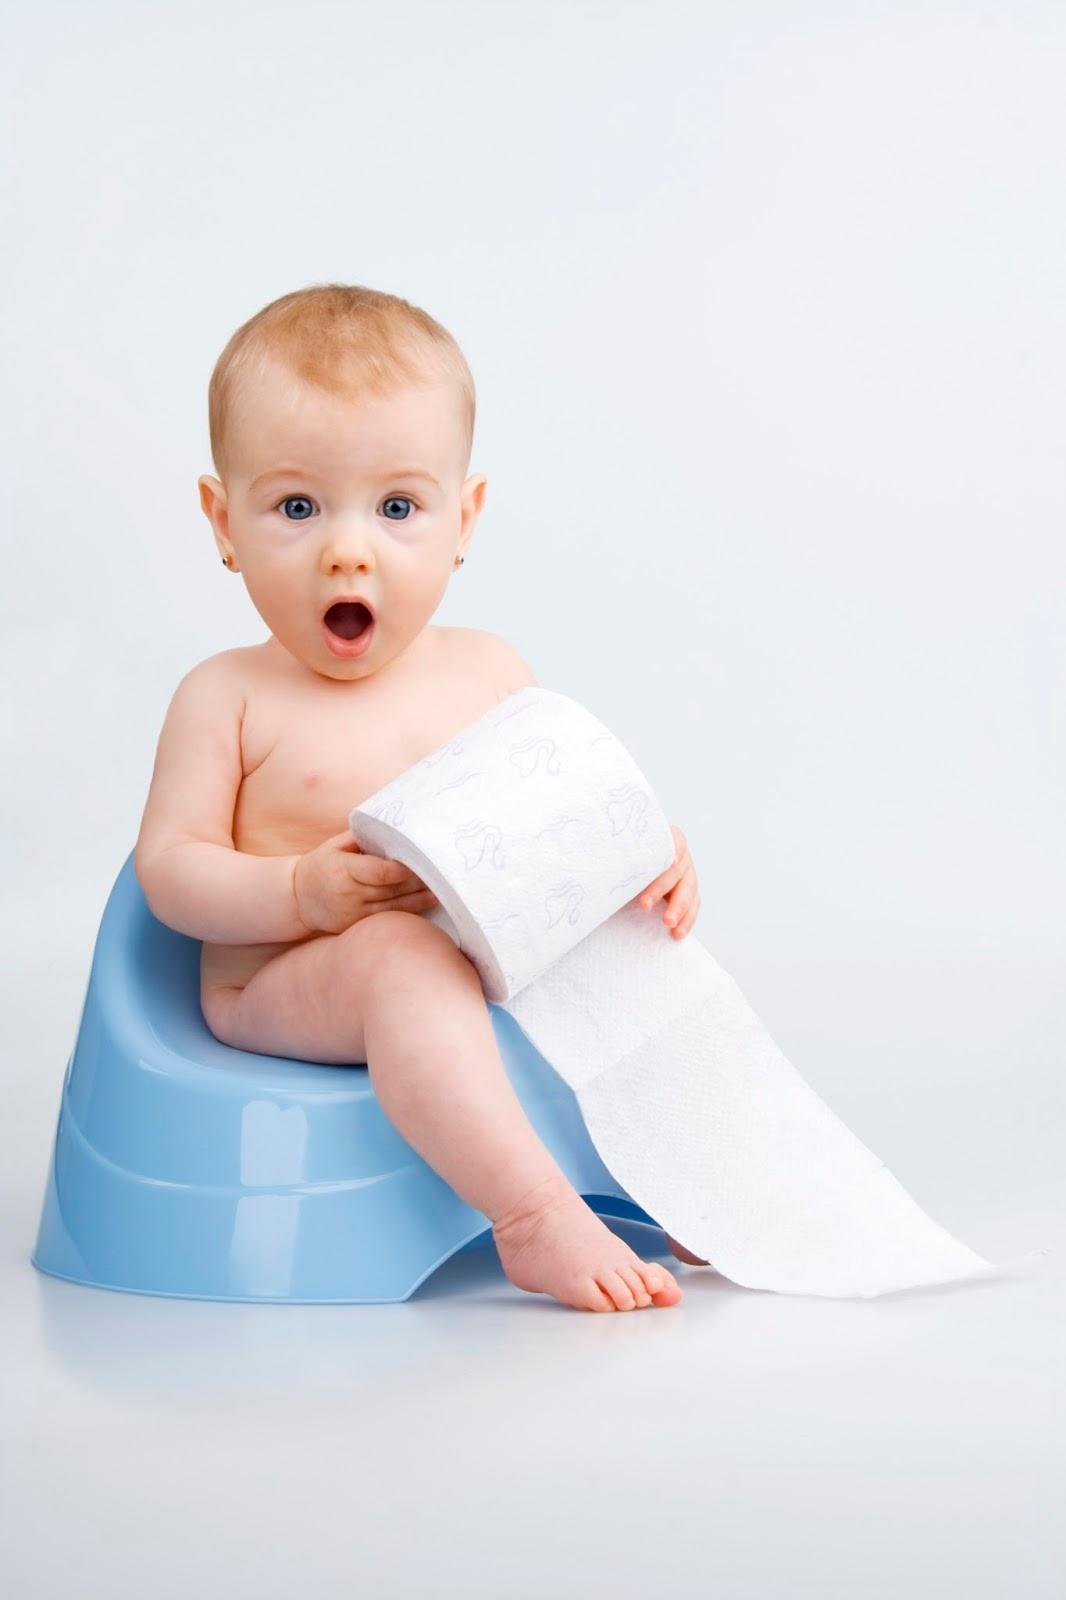 Tuvalet eğitiminde 3 gün kuralı nedir